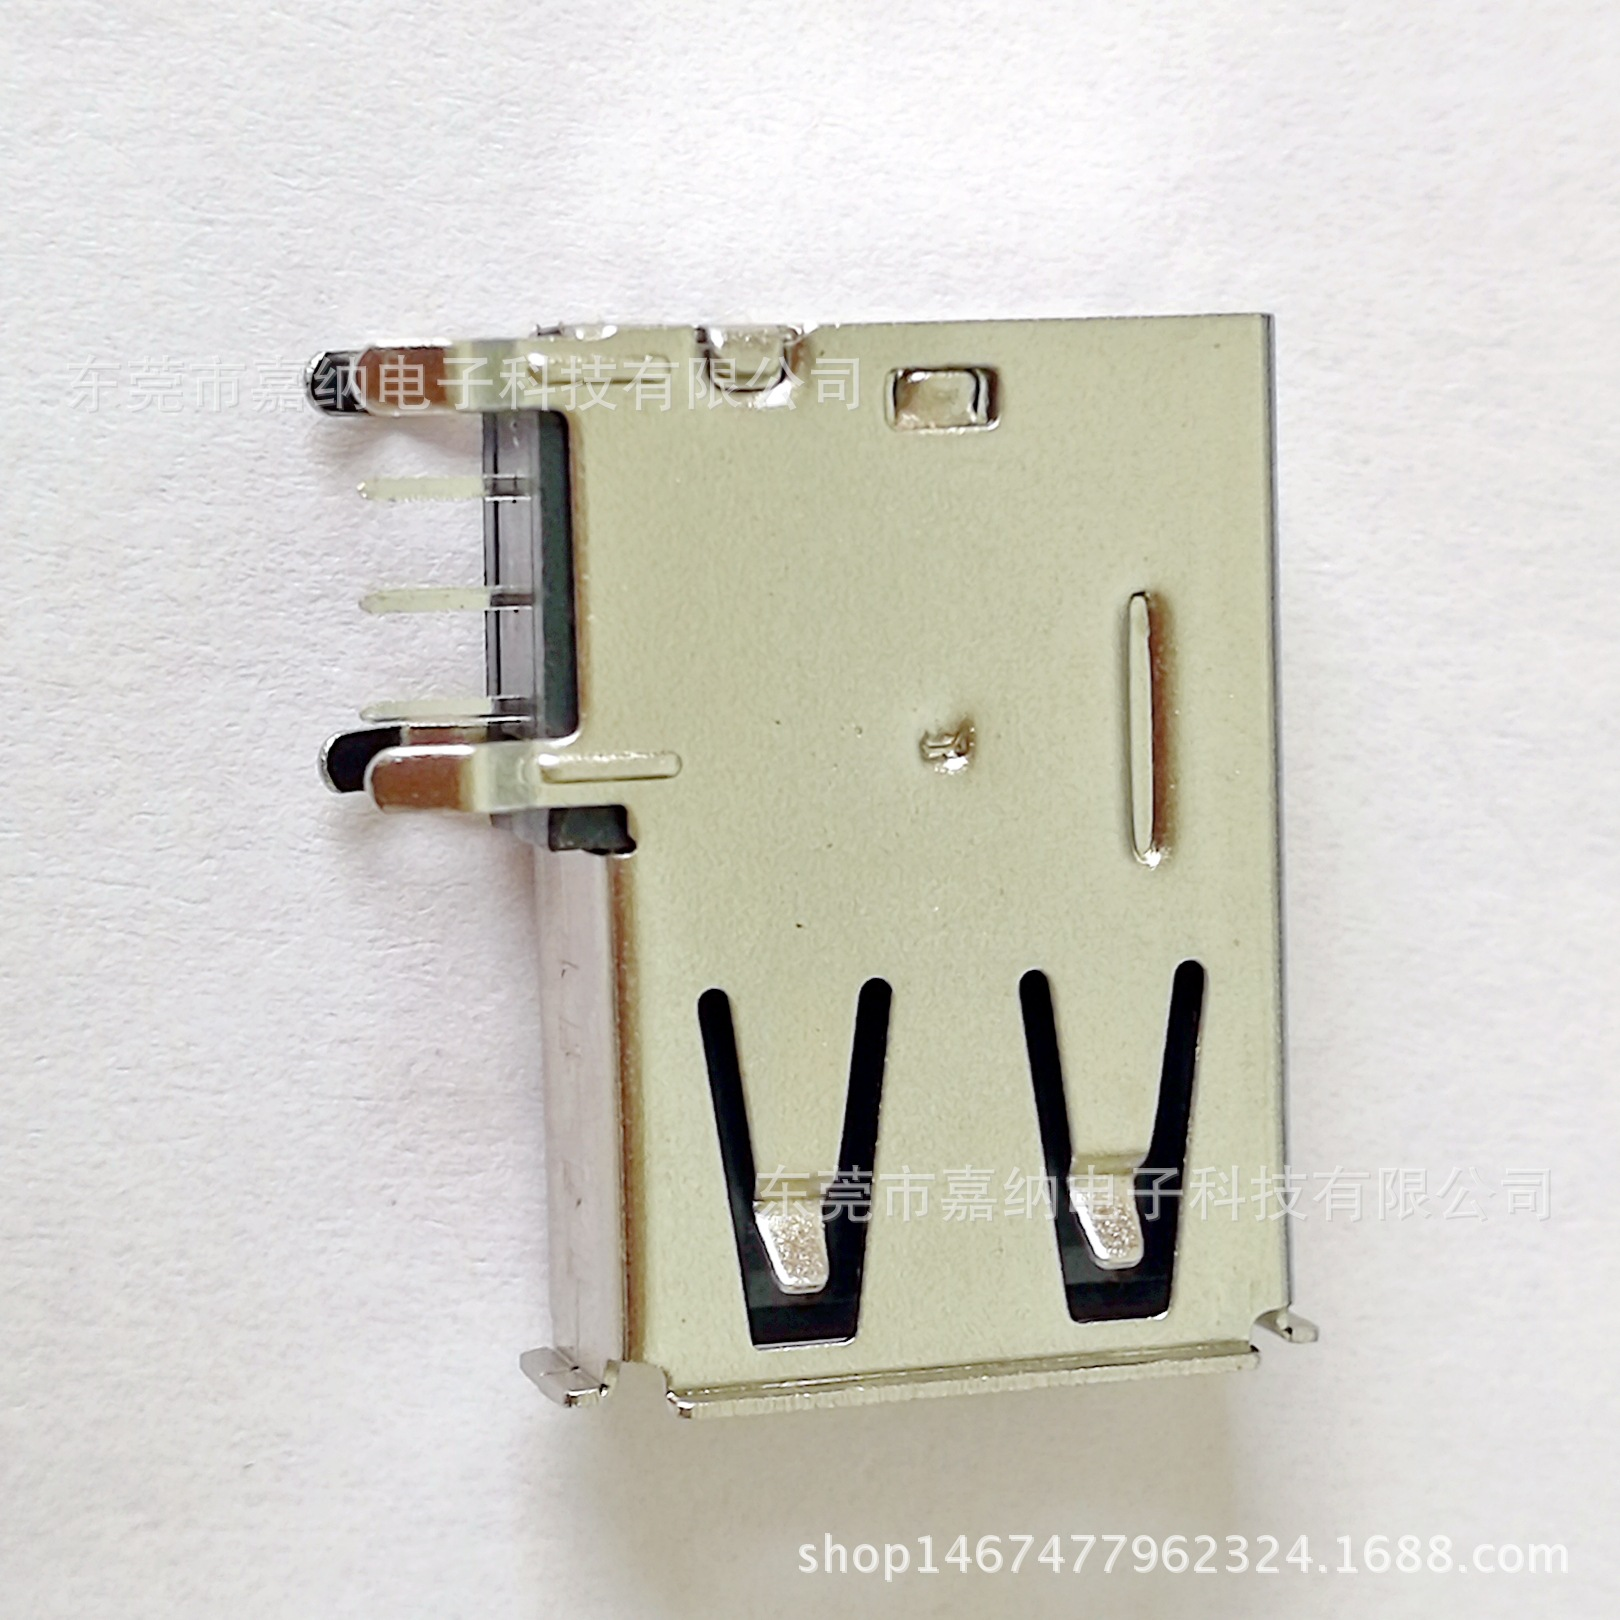 厂家直销电脑连接器USB 2.0 A/F母座 u